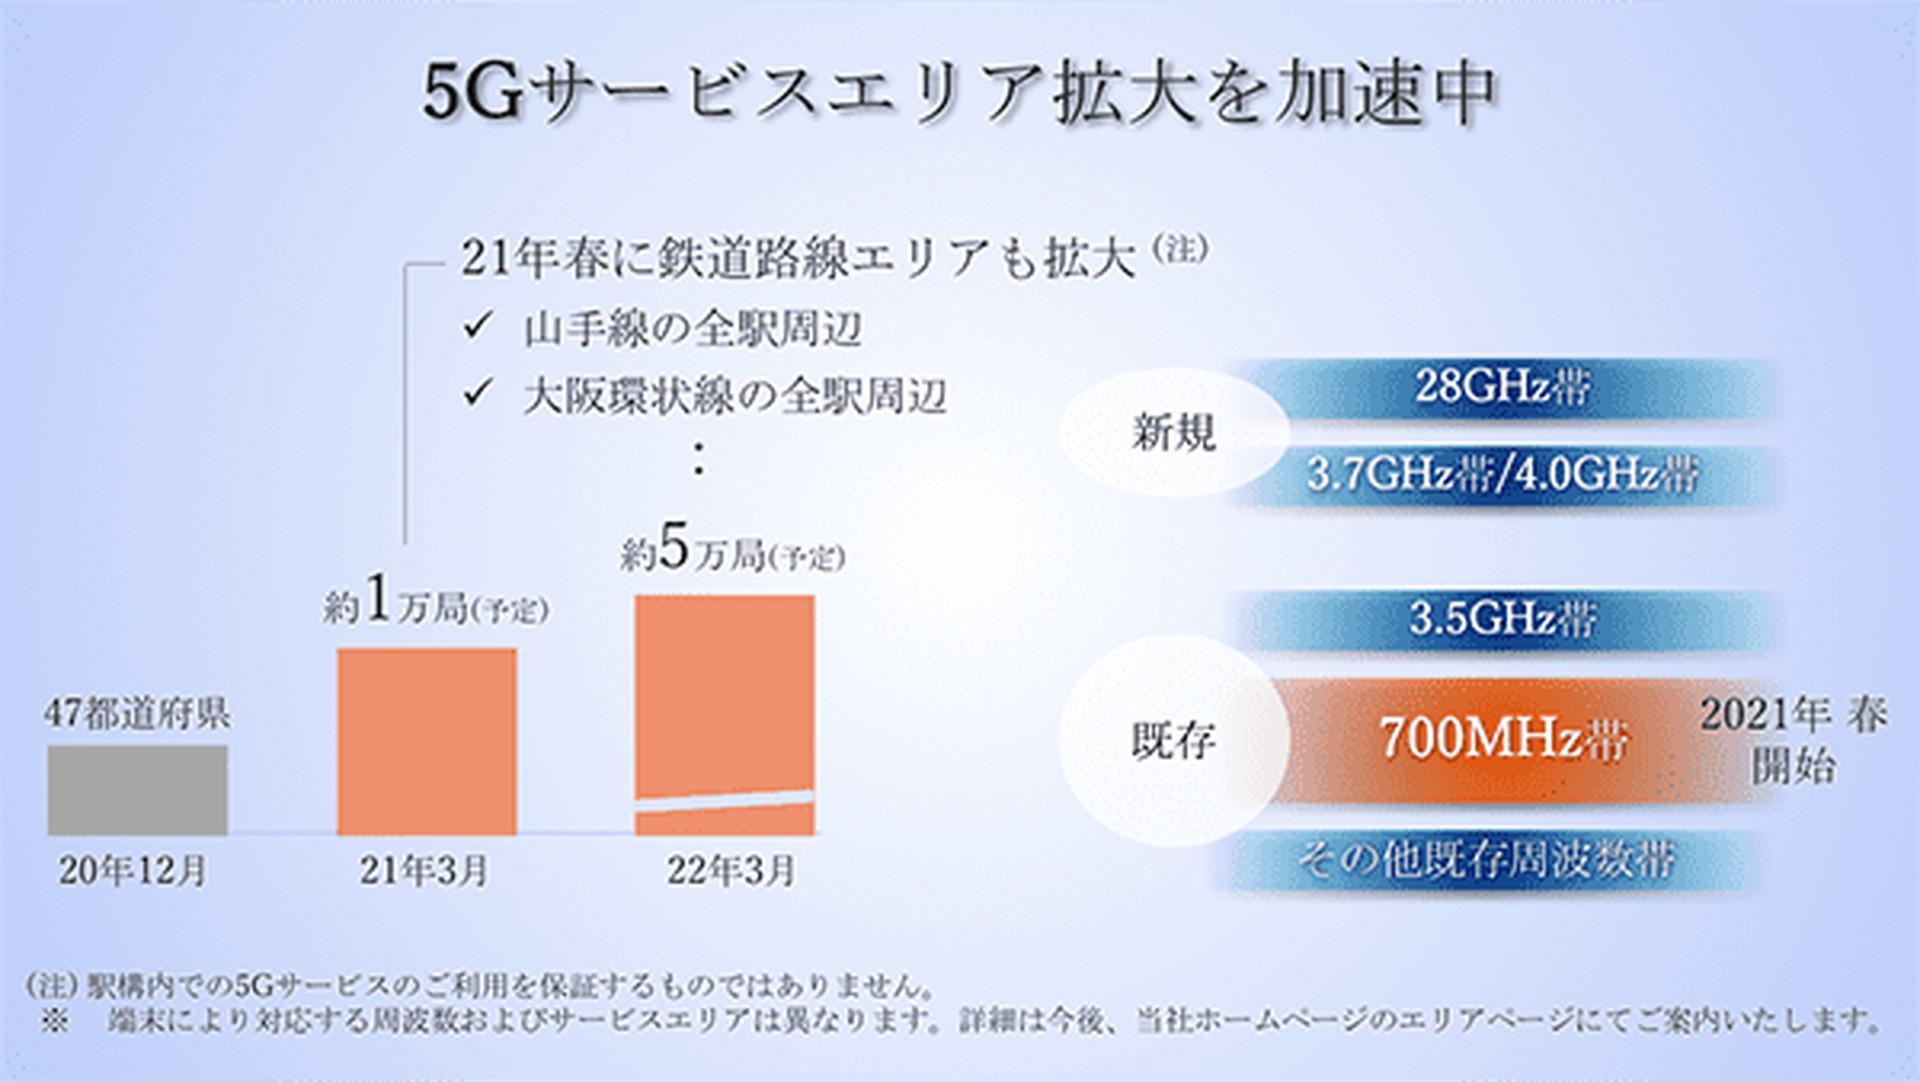 周波数 帯 5g